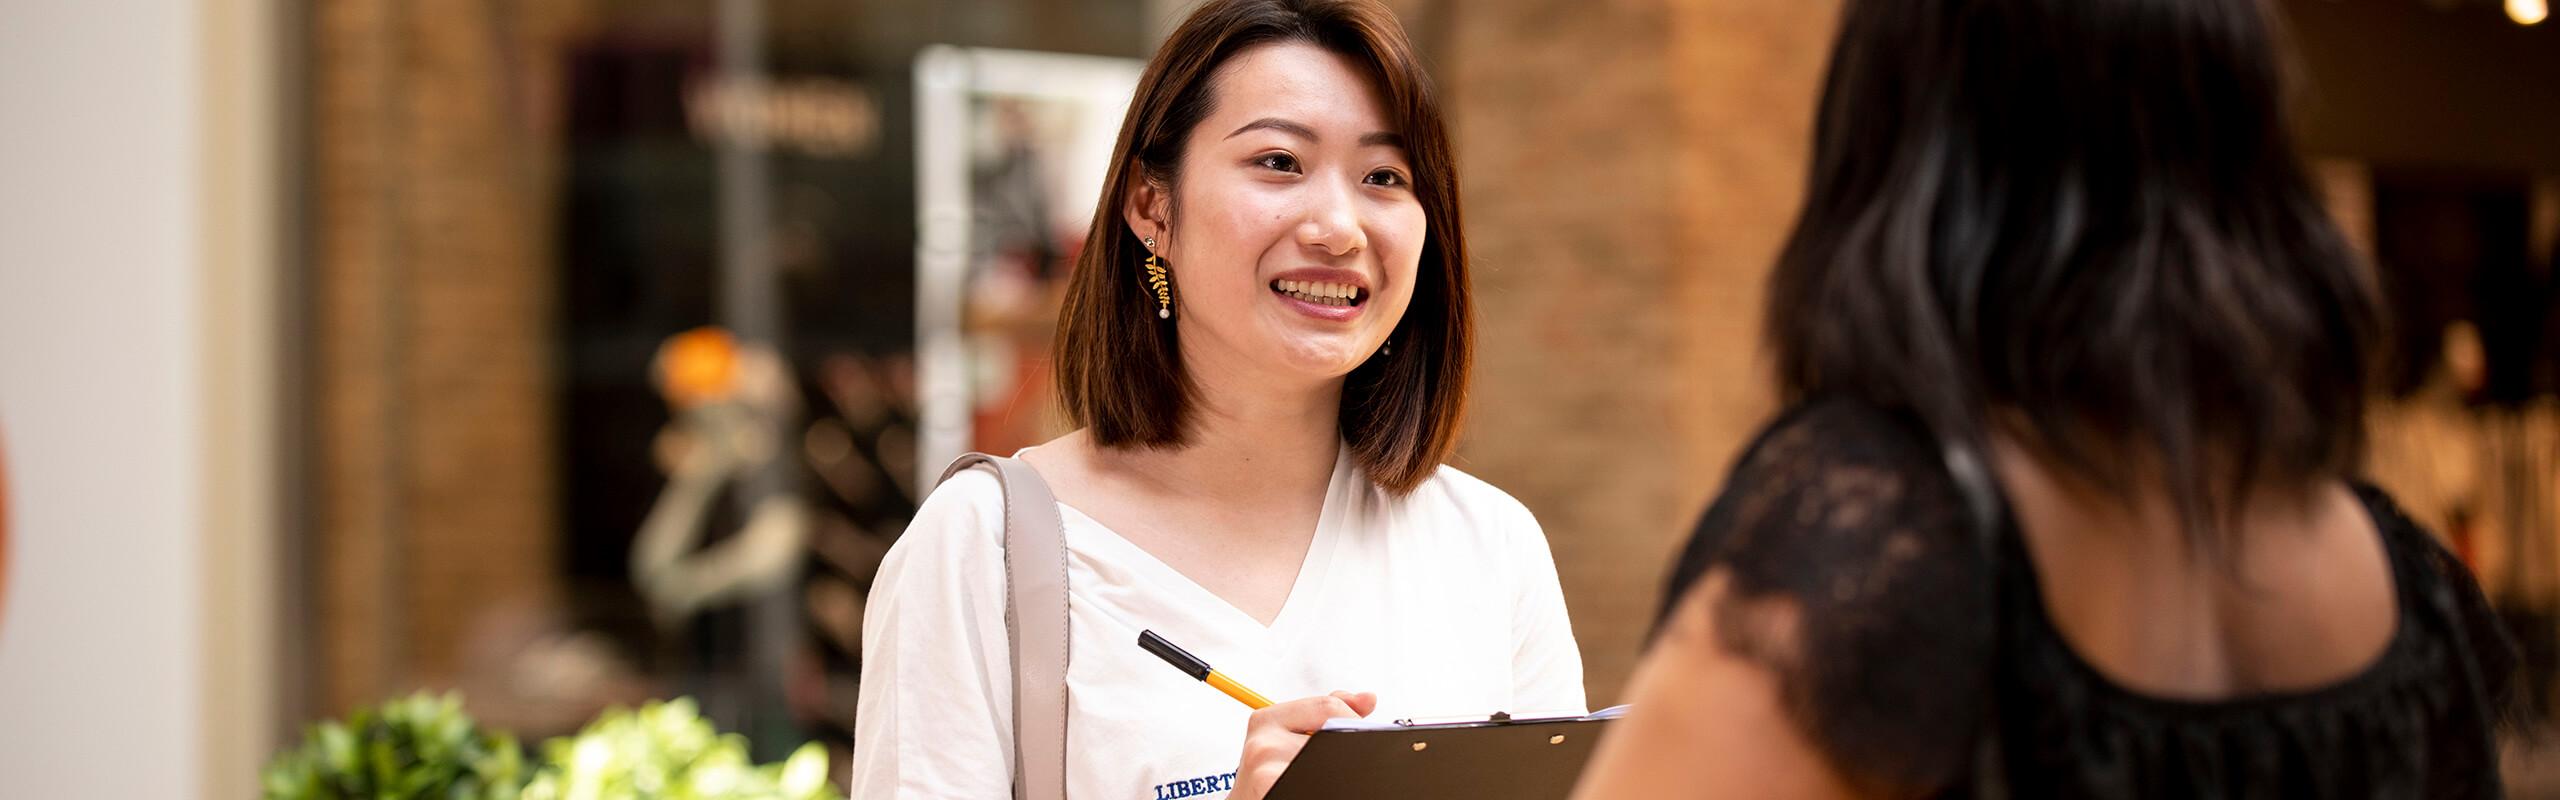 Bowen Shang interviewing a shopper